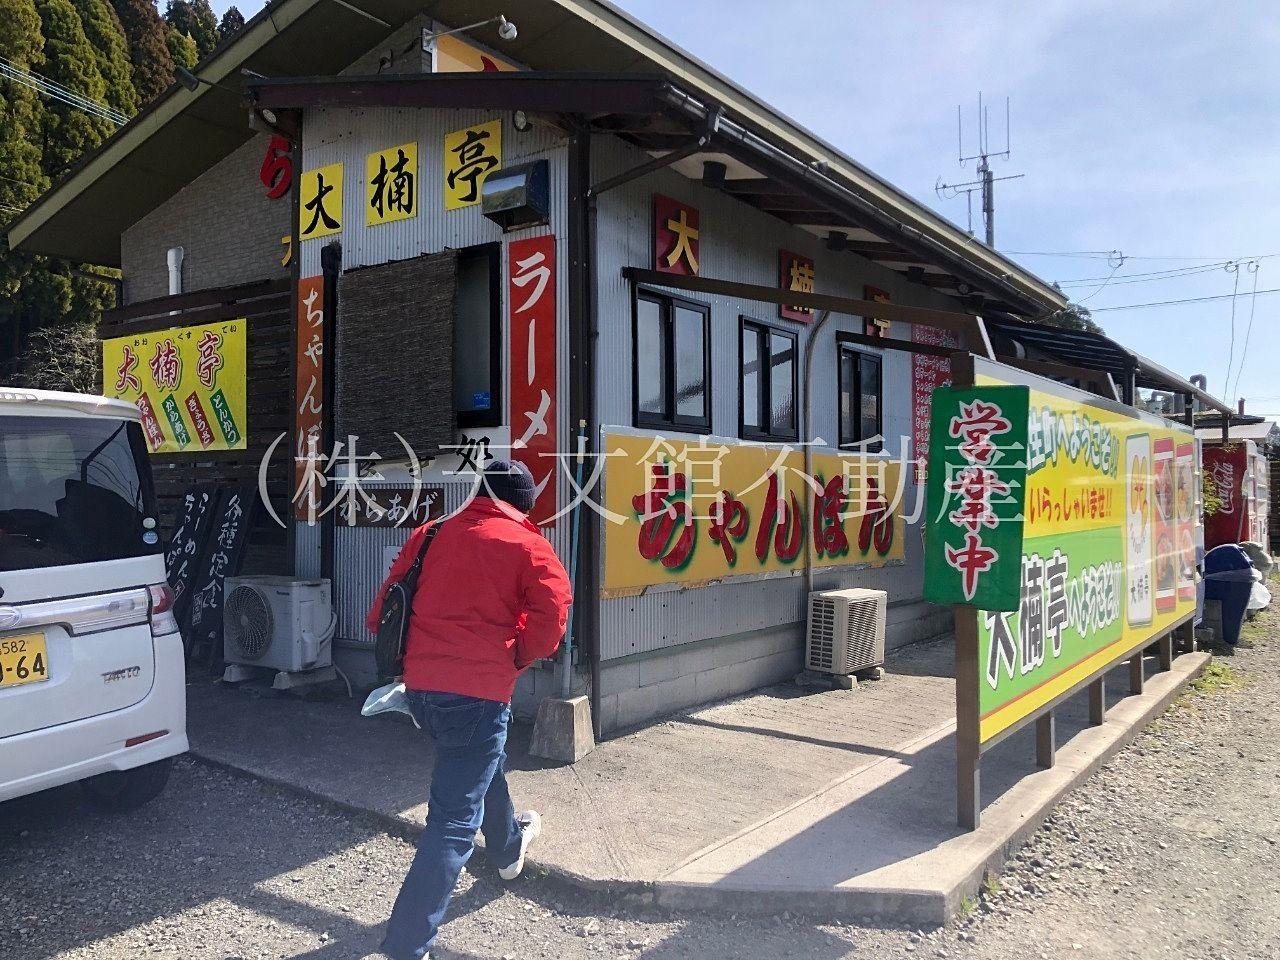 鹿児島県姶良市蒲生町北「大楠亭」の看板の字も大きいです。